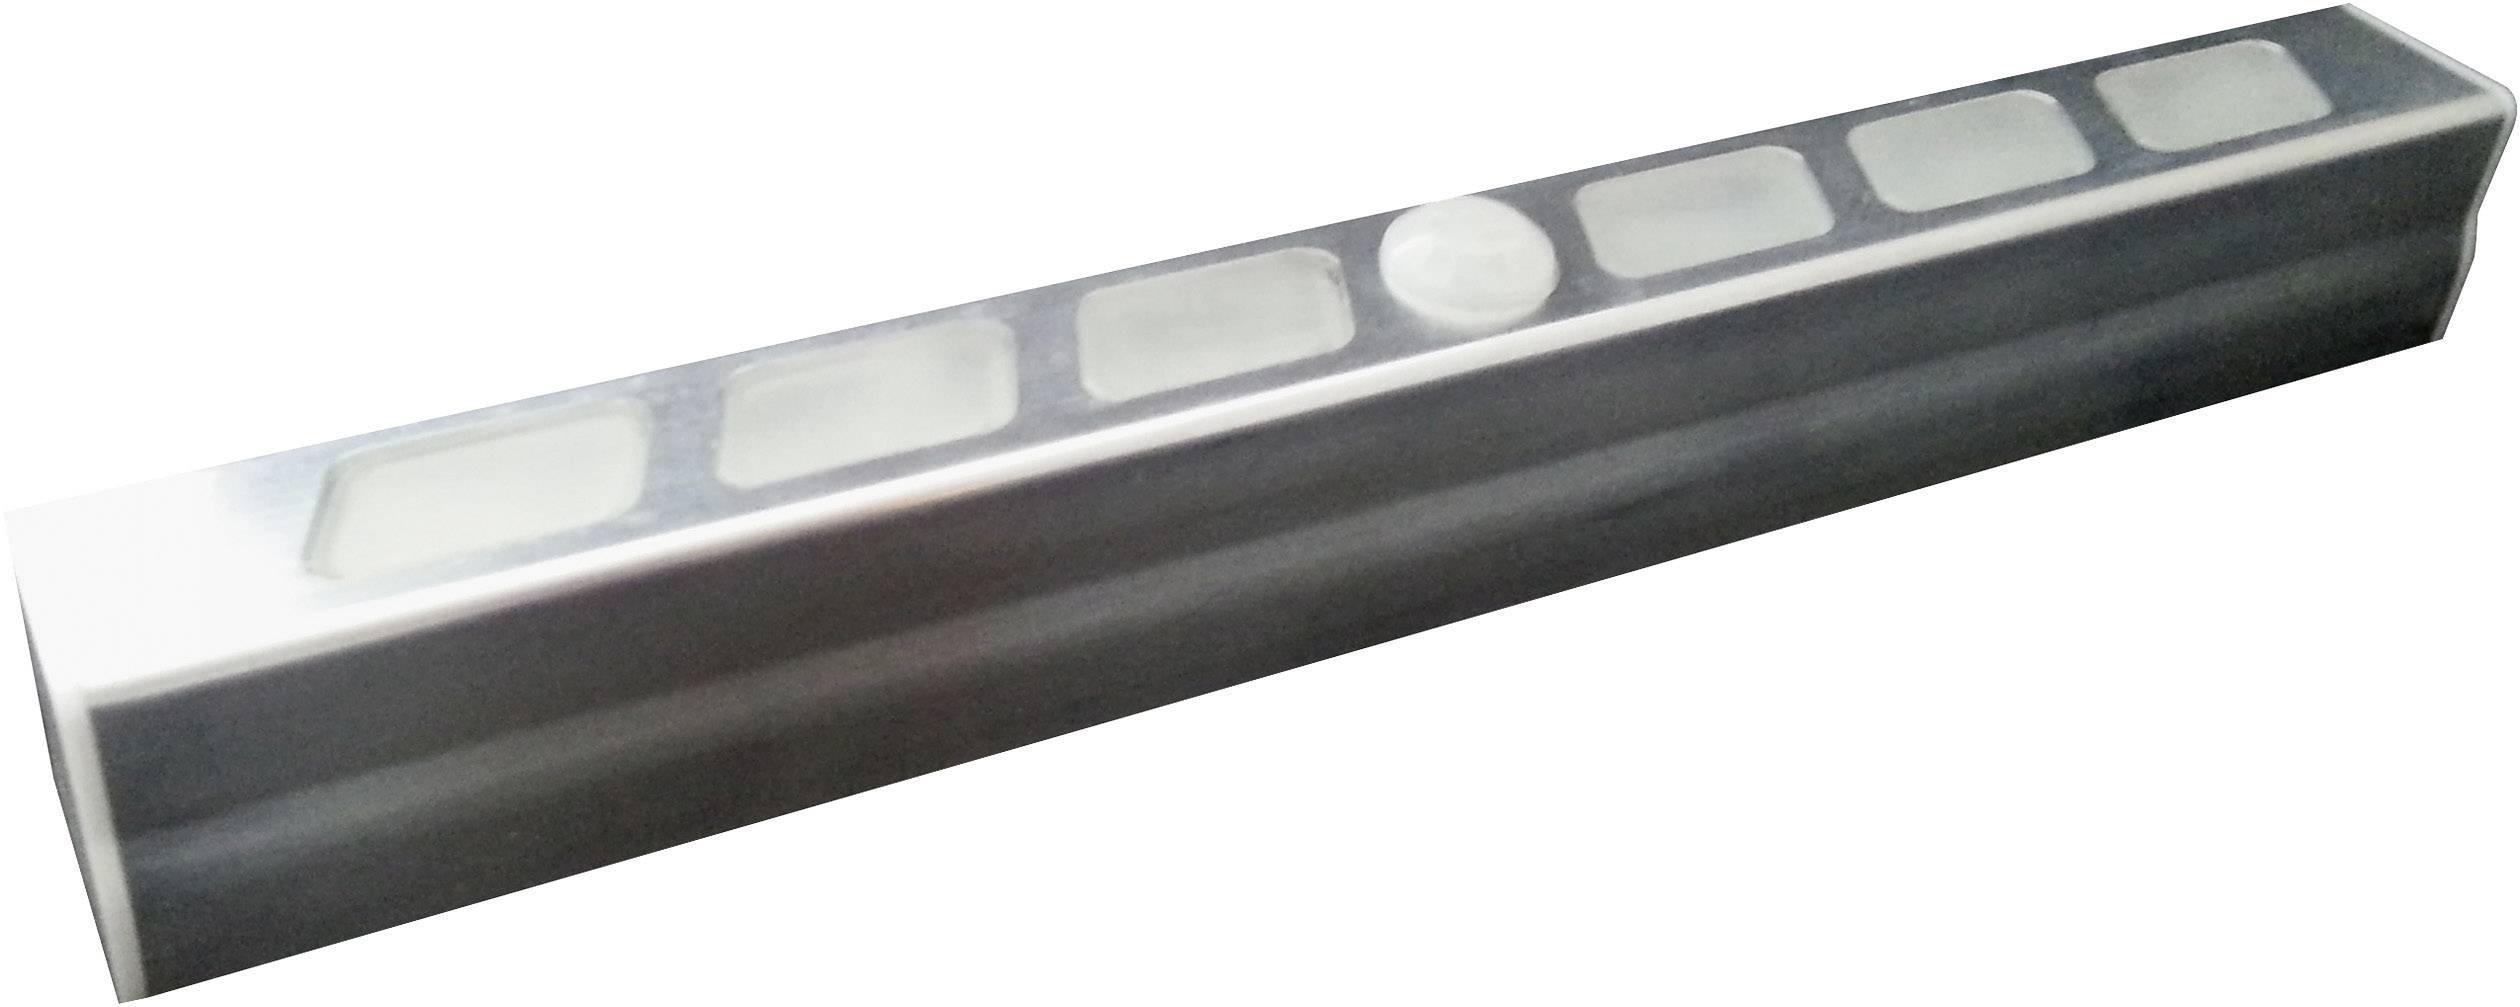 Müller Licht 57015 LED Unterbauleuchte mit Bewegungsmelder 0.7 W Kalt Weiß Transparent